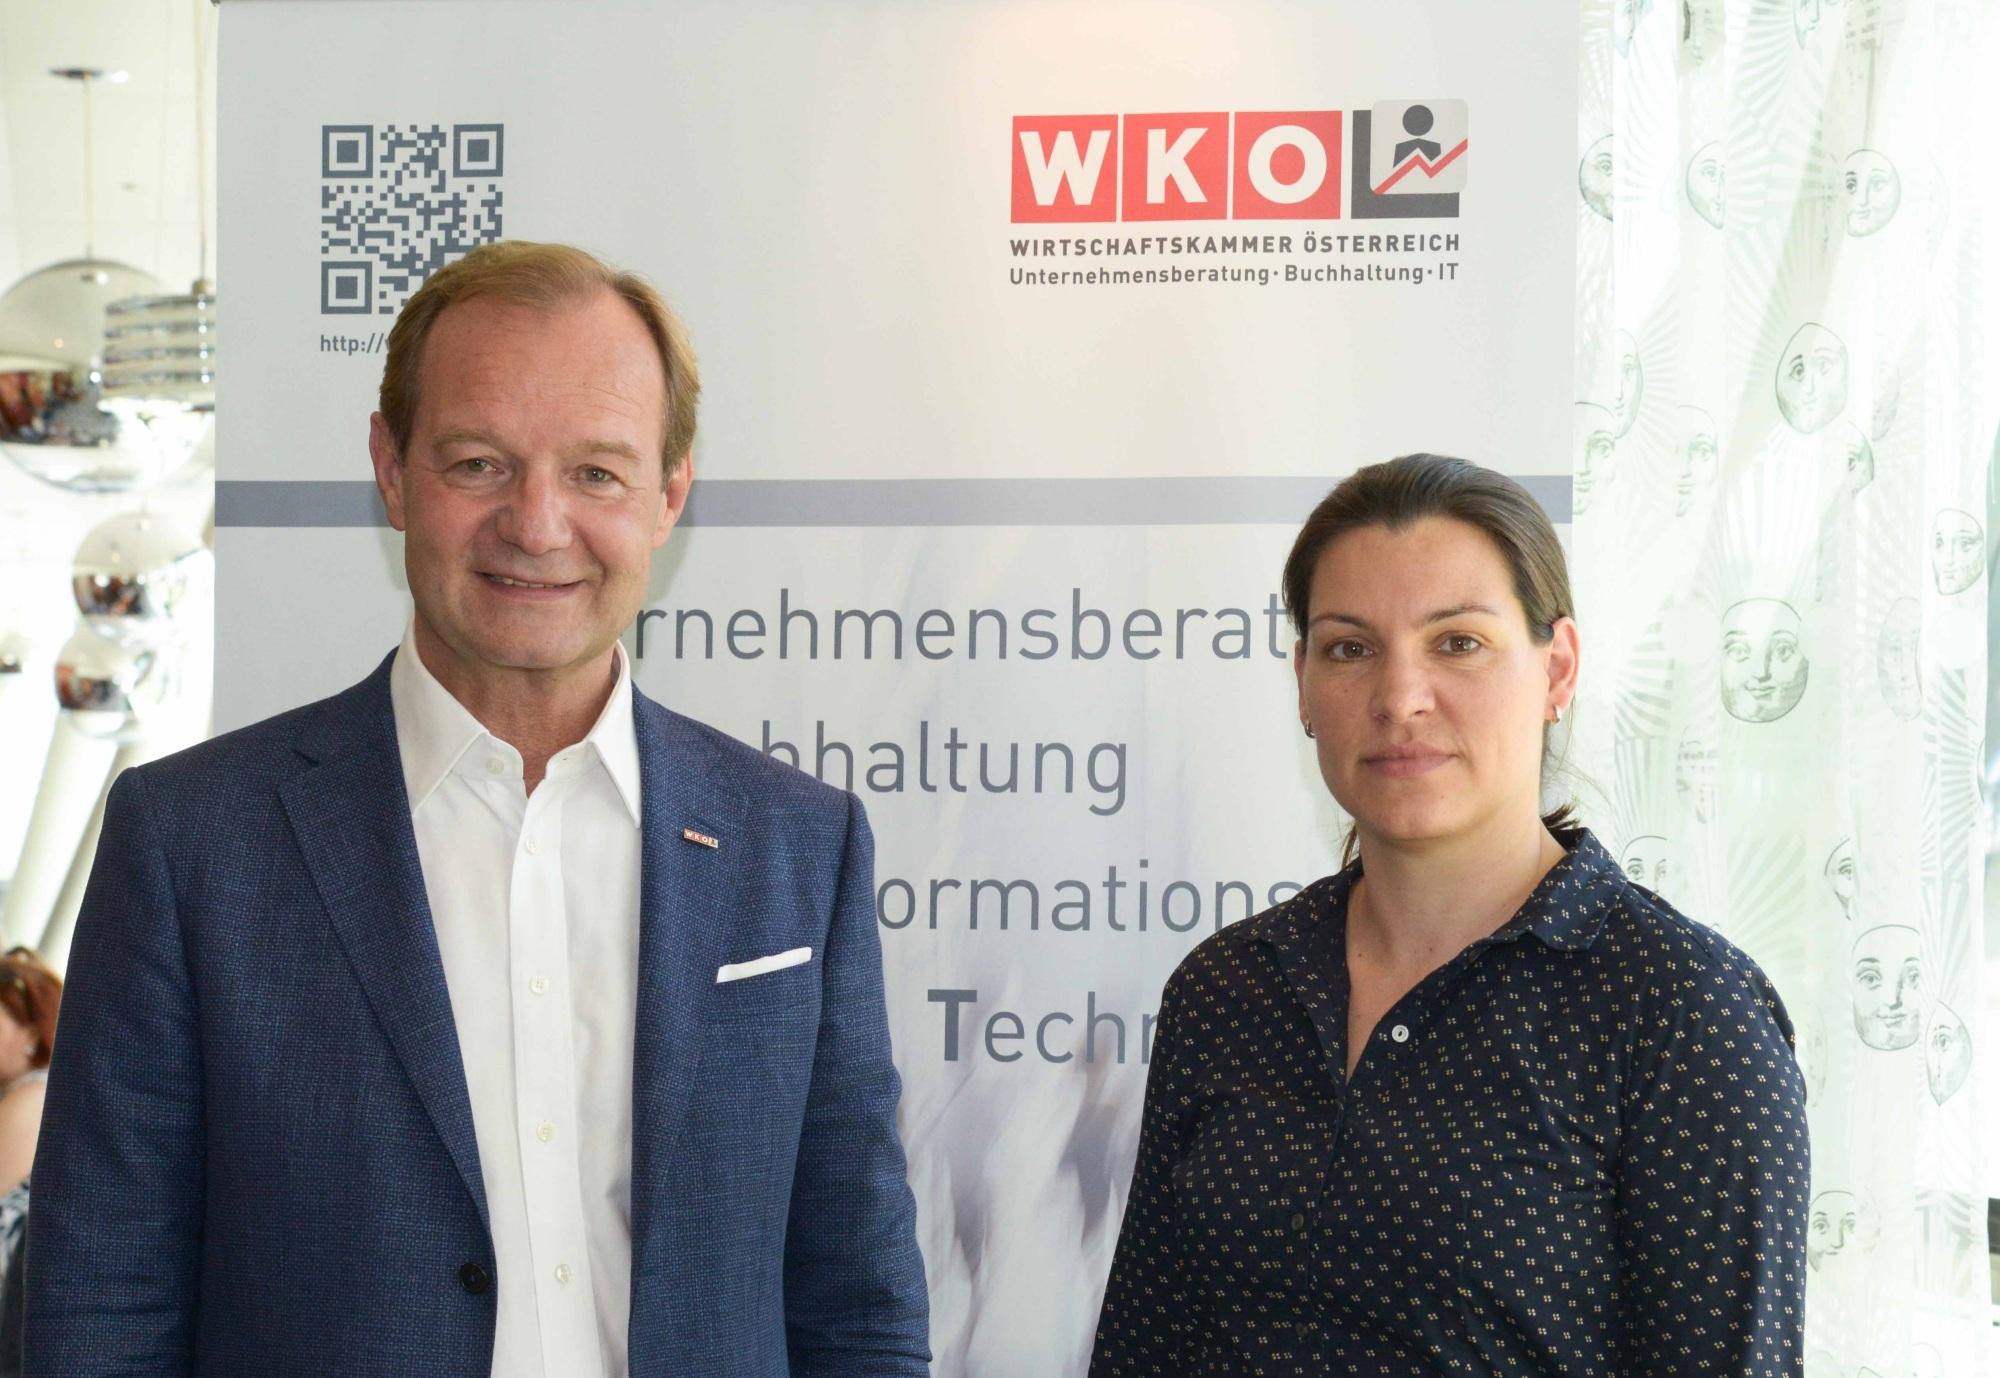 UBIT Radar 2018 - Pressegespräch 21.06.2018 - Fachverband UBIT der WKO und KMU Forschung Austria. Fotocredit: FV UBIT / Tsitsos.